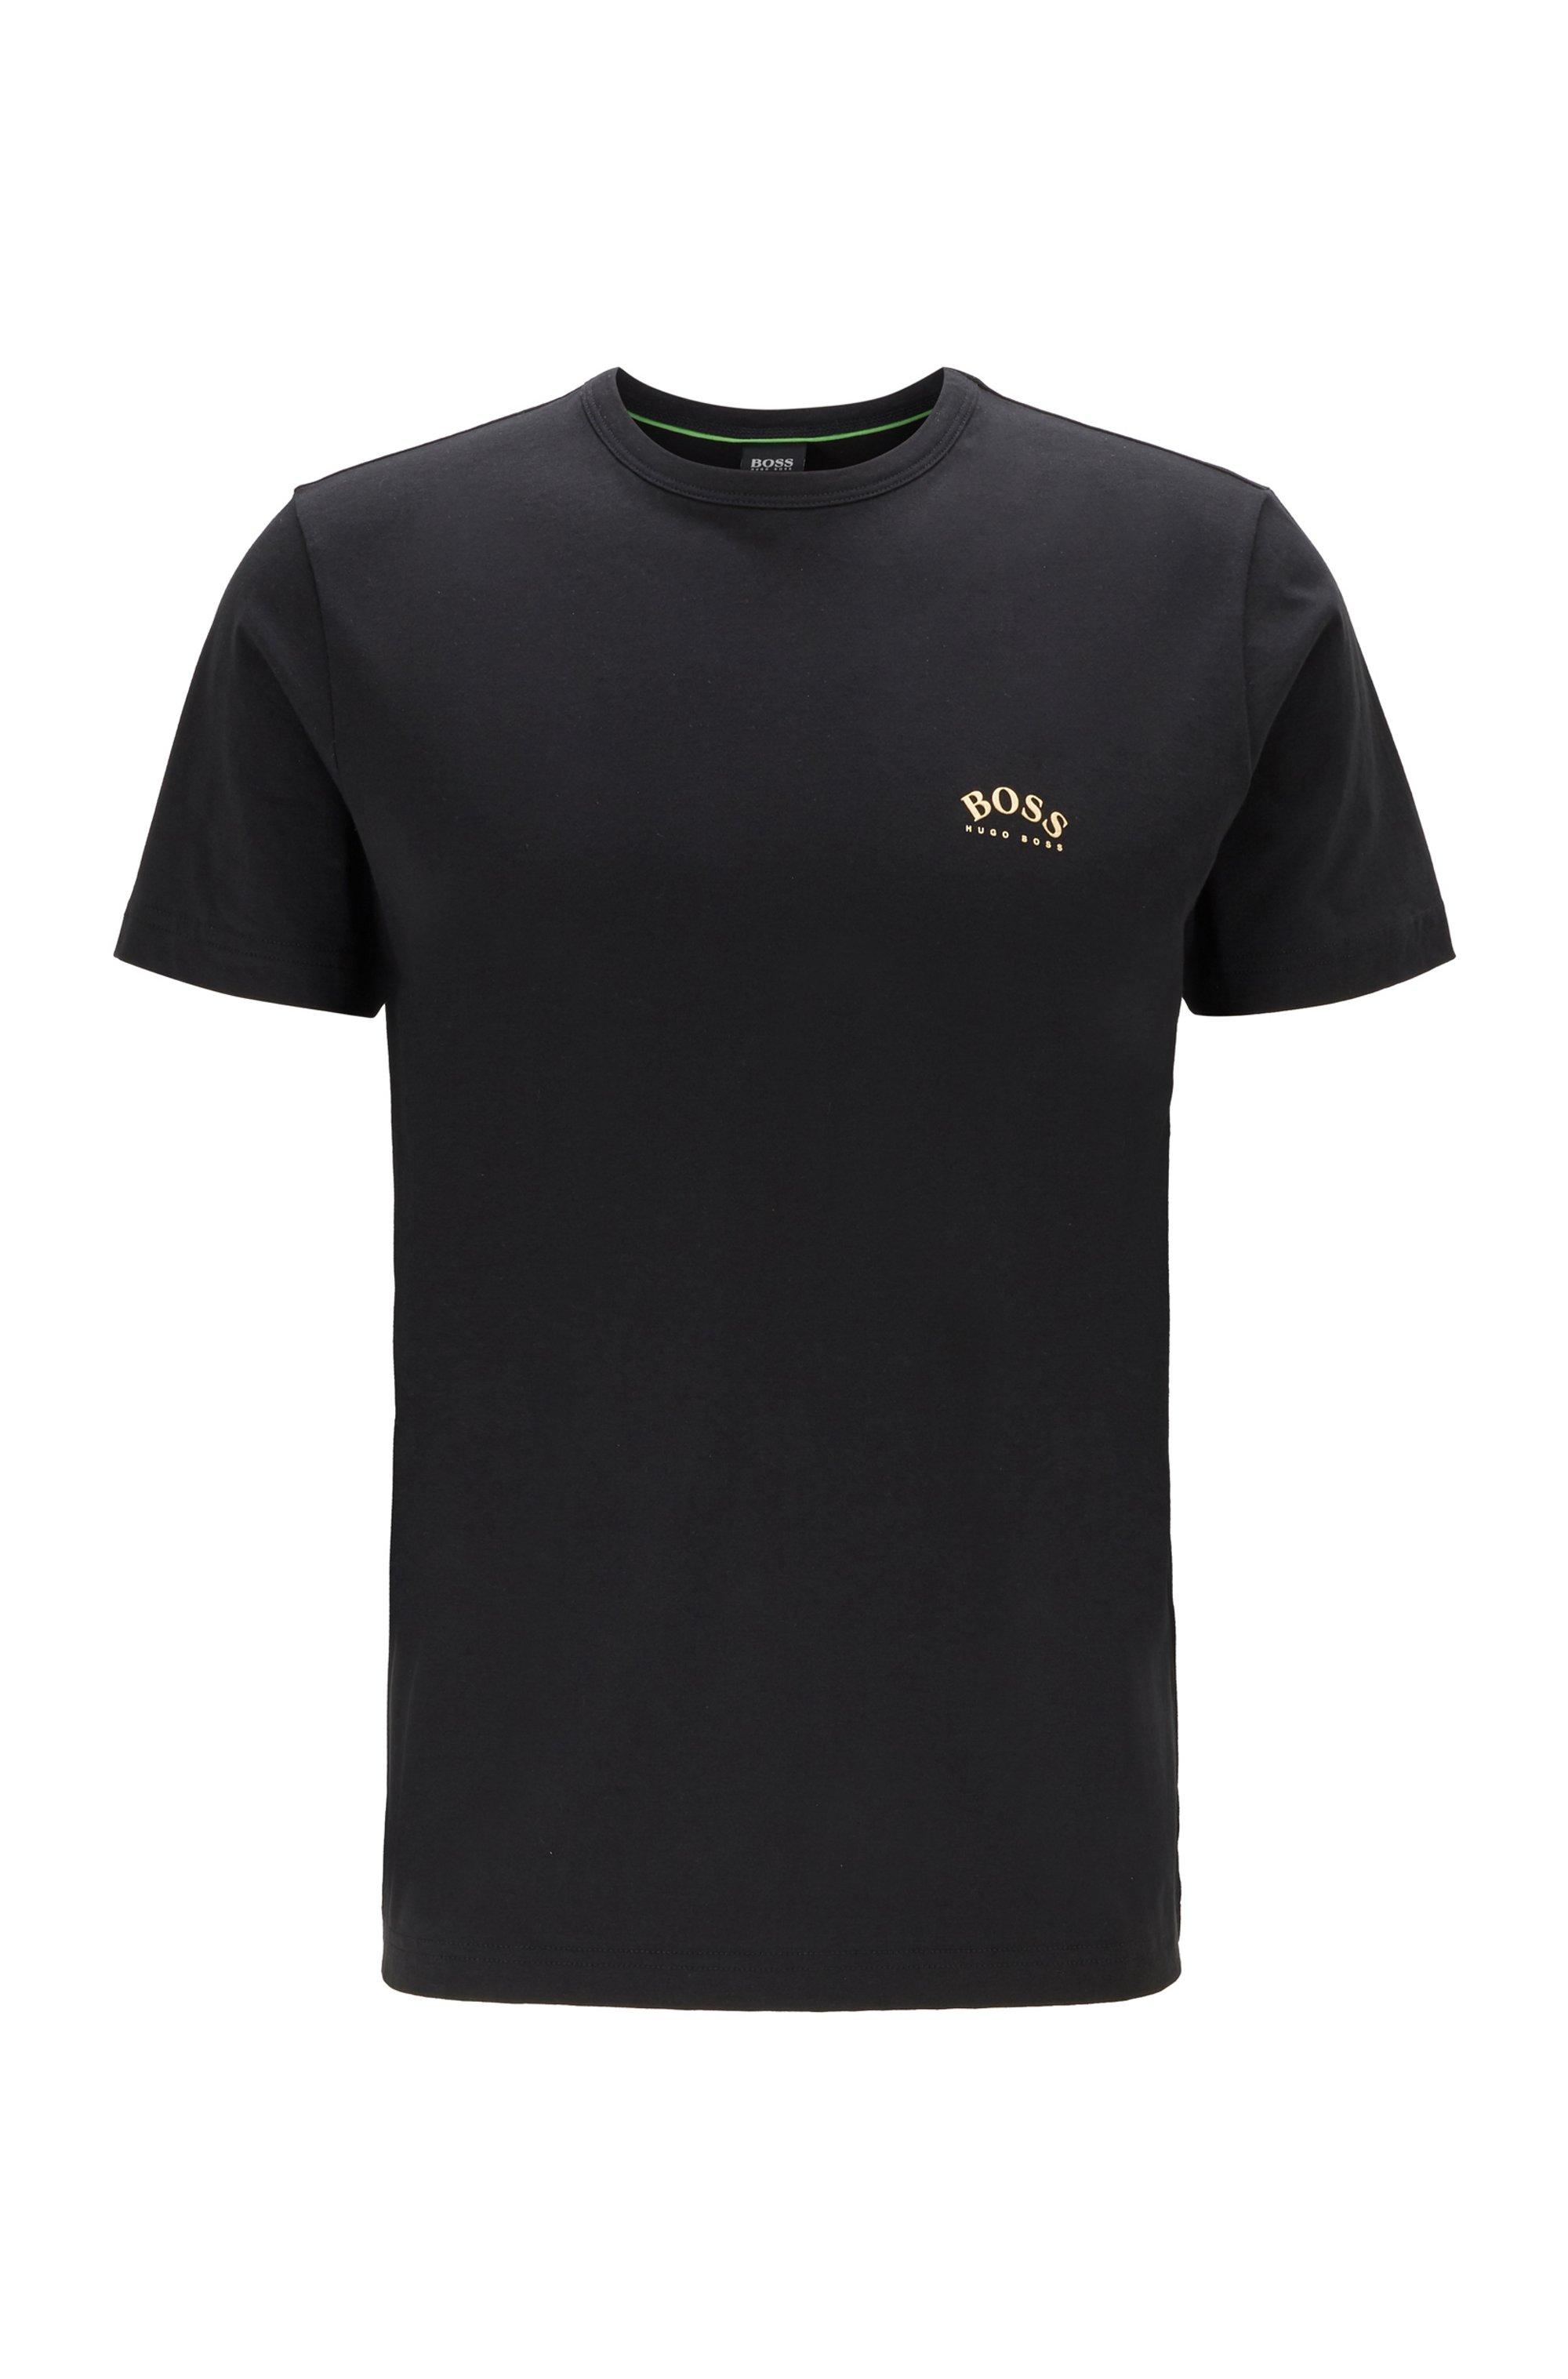 T-shirt in jersey di cotone con logo arrotondato, Nero